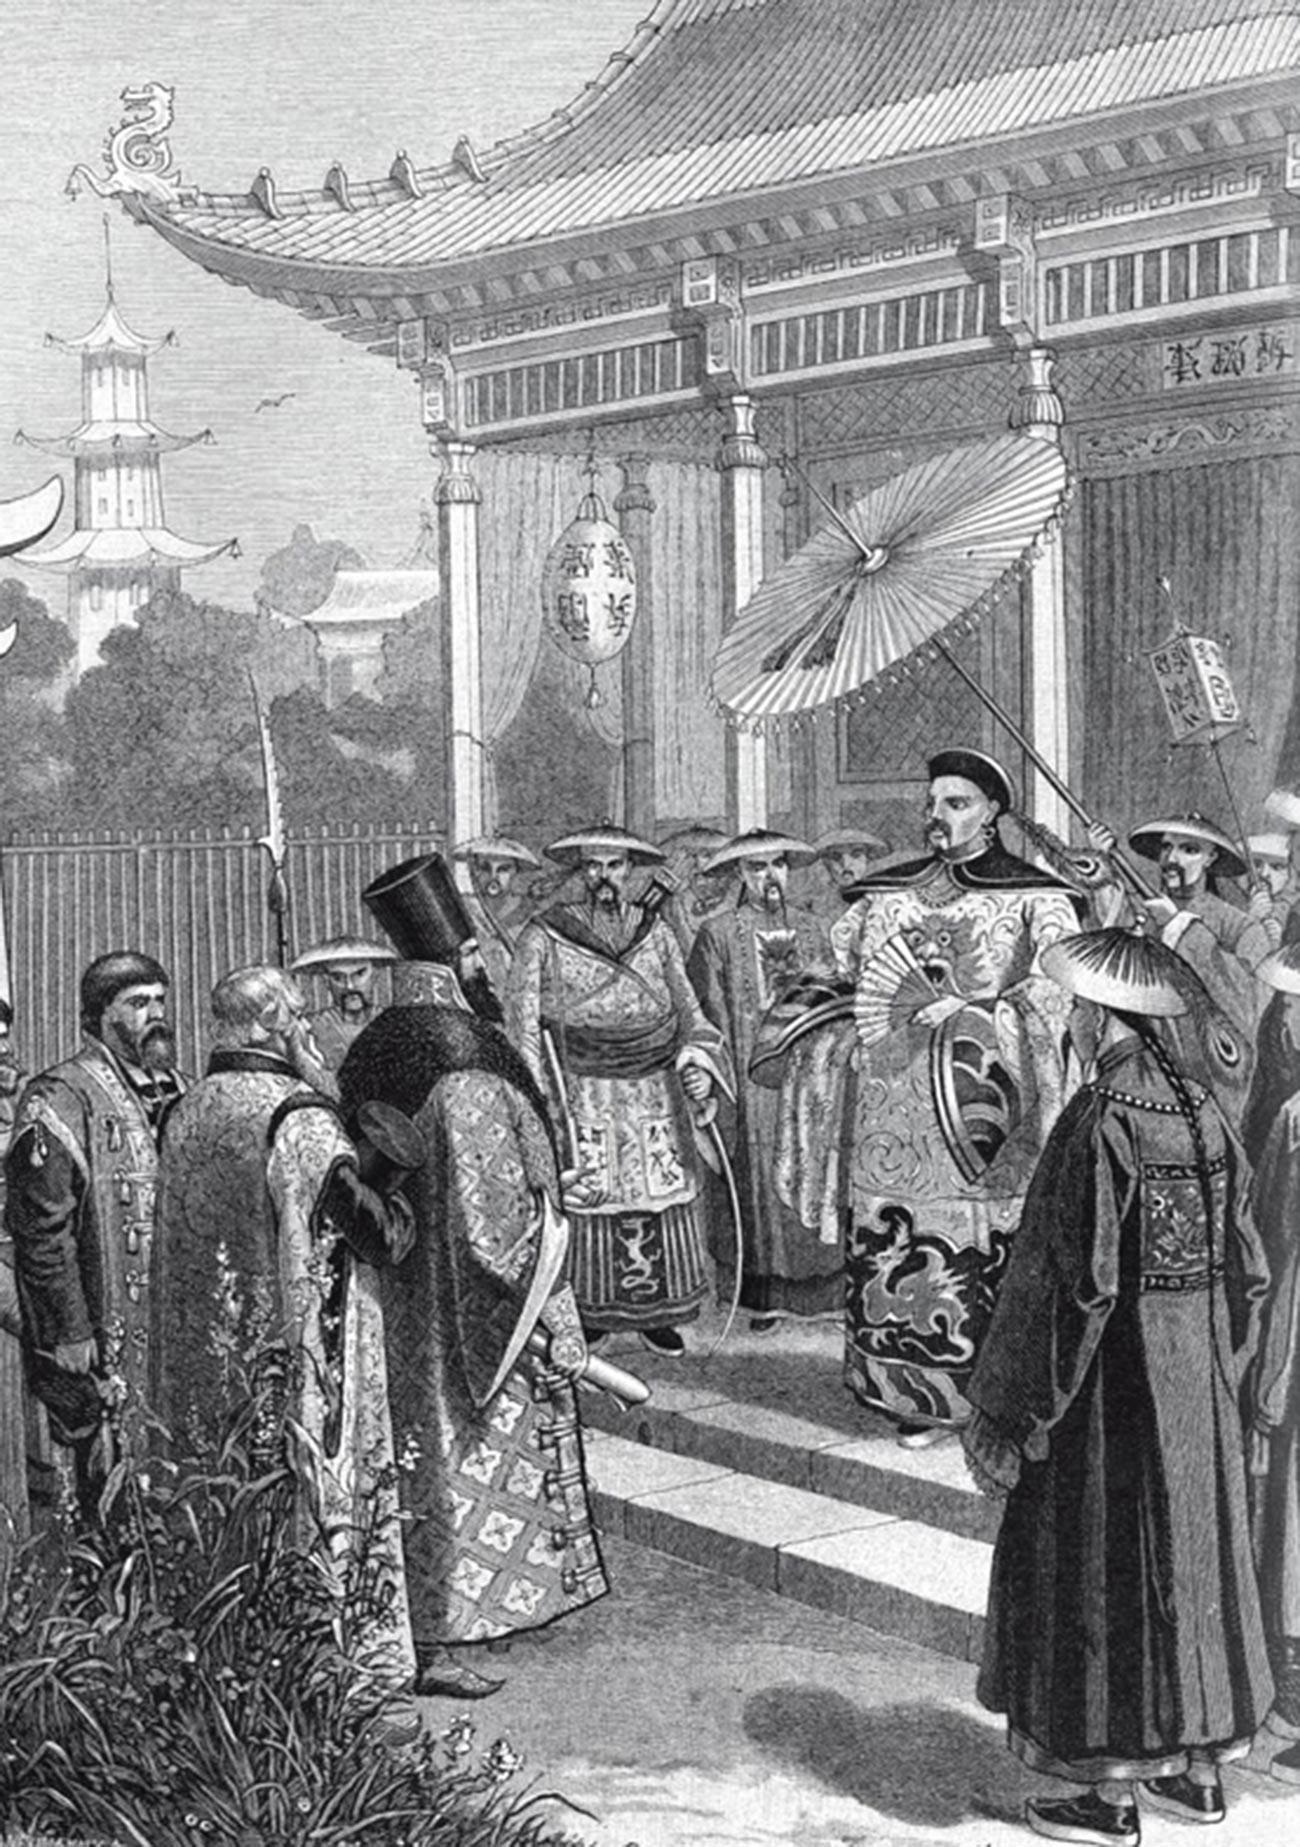 Inviati russi in Cina nel XVII secolo